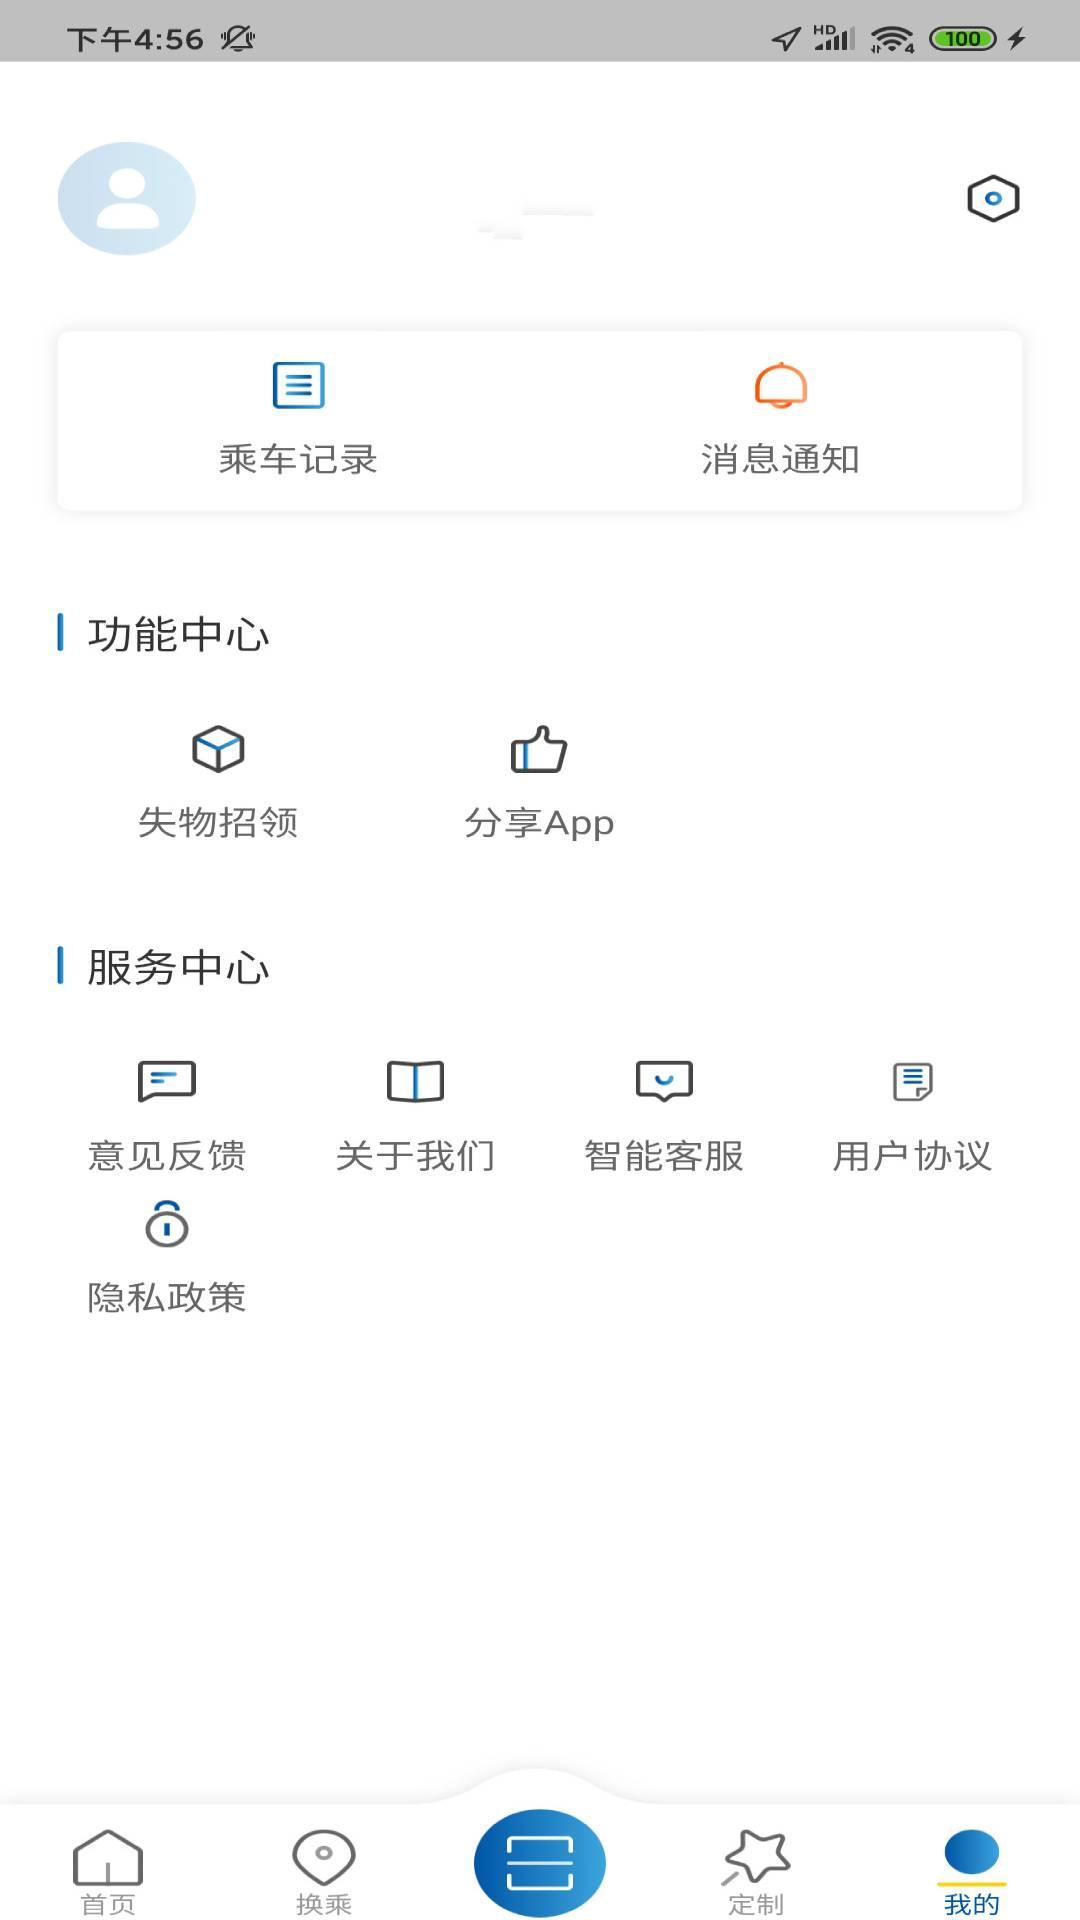 舟山公交 V1.0.3 安卓版截图2